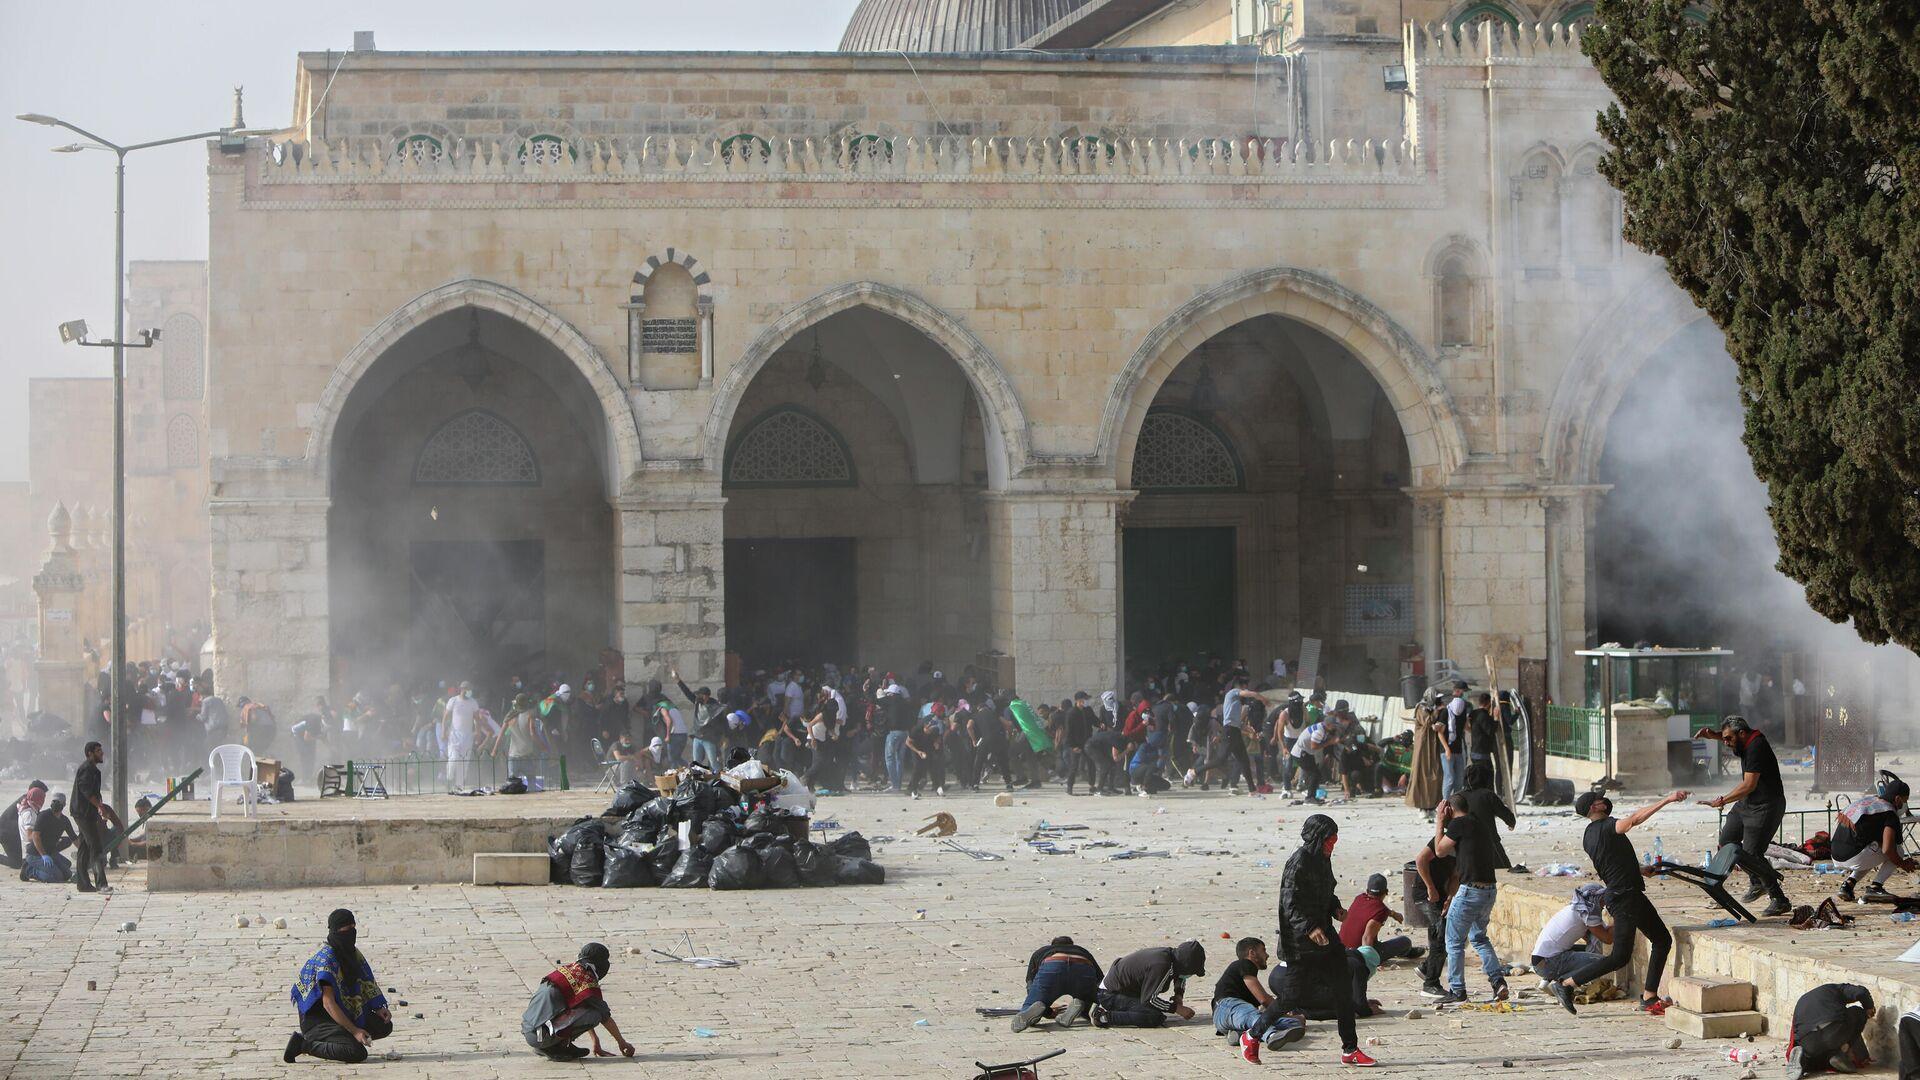 Столкновение палестинцев с израильскими силами безопасности  у мечети Аль-Акса в Старом Иерусалиме - РИА Новости, 1920, 23.05.2021